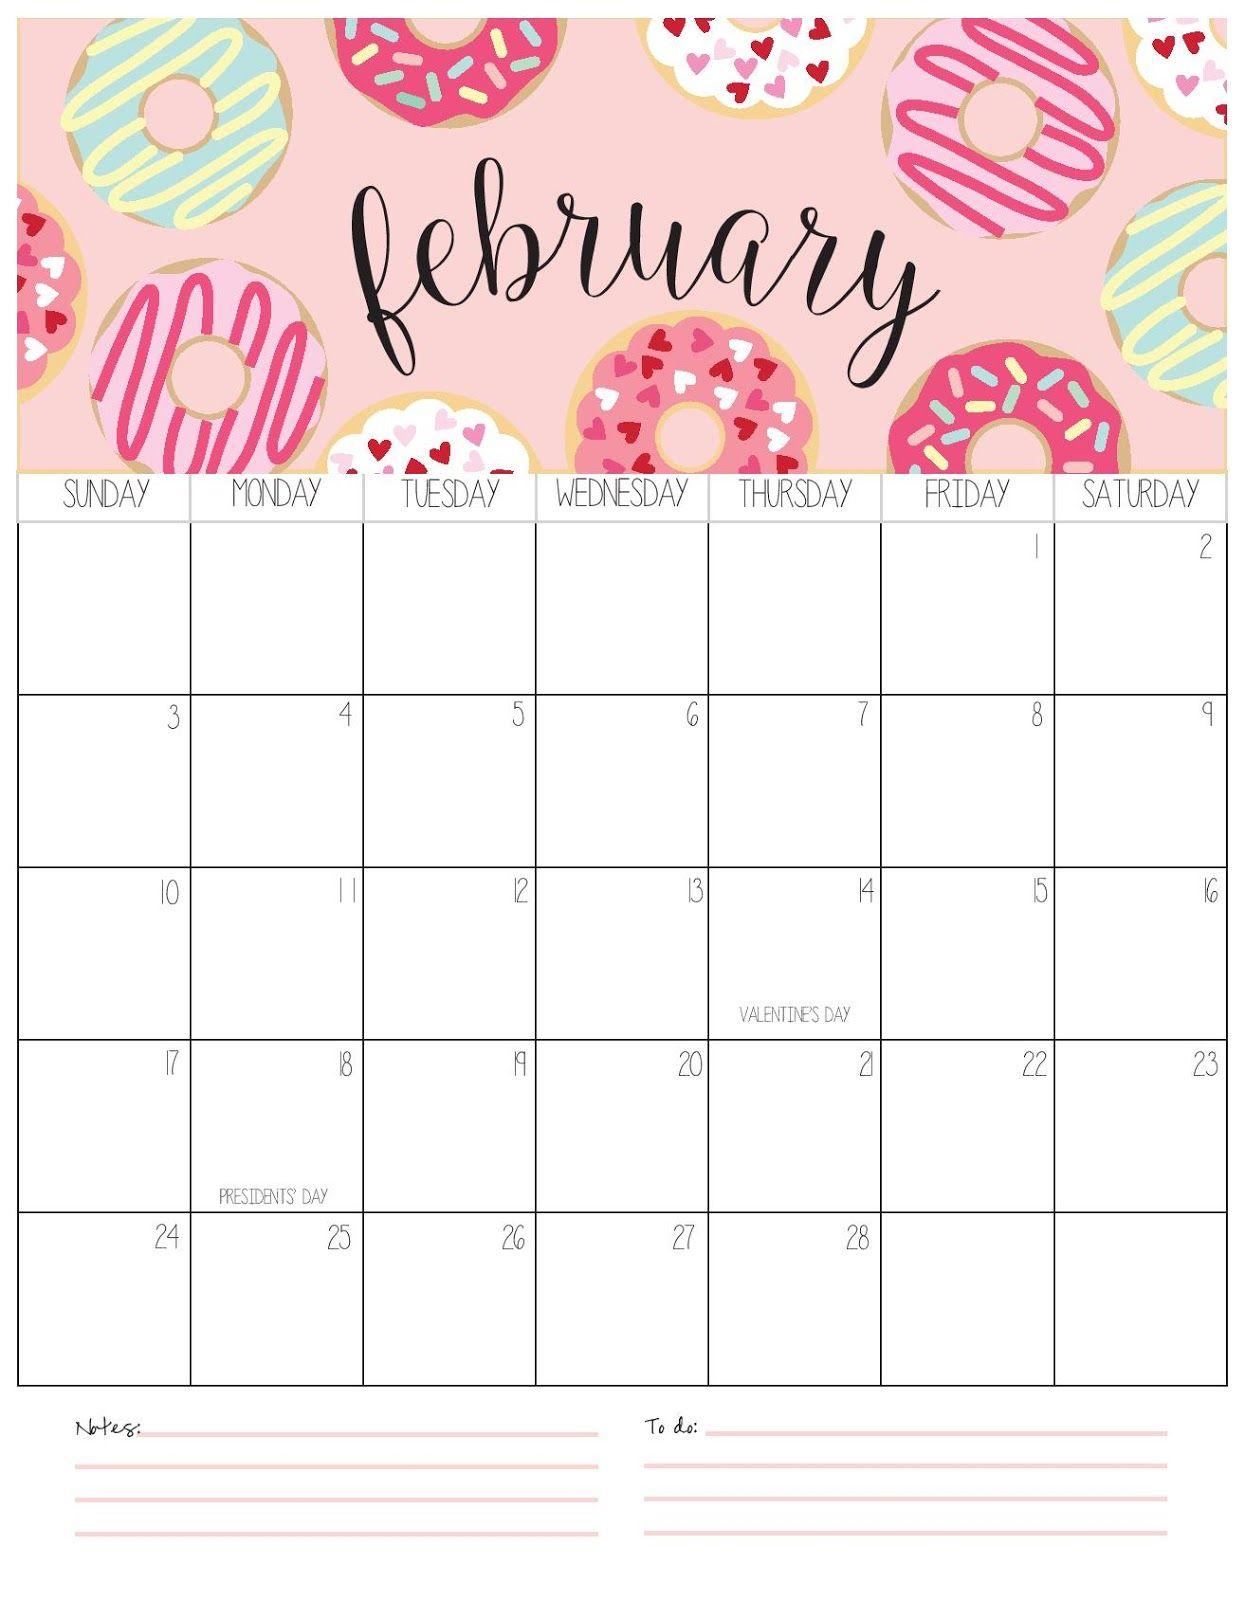 Kalender 2019 zum ausdrucken für kinder Kalender für